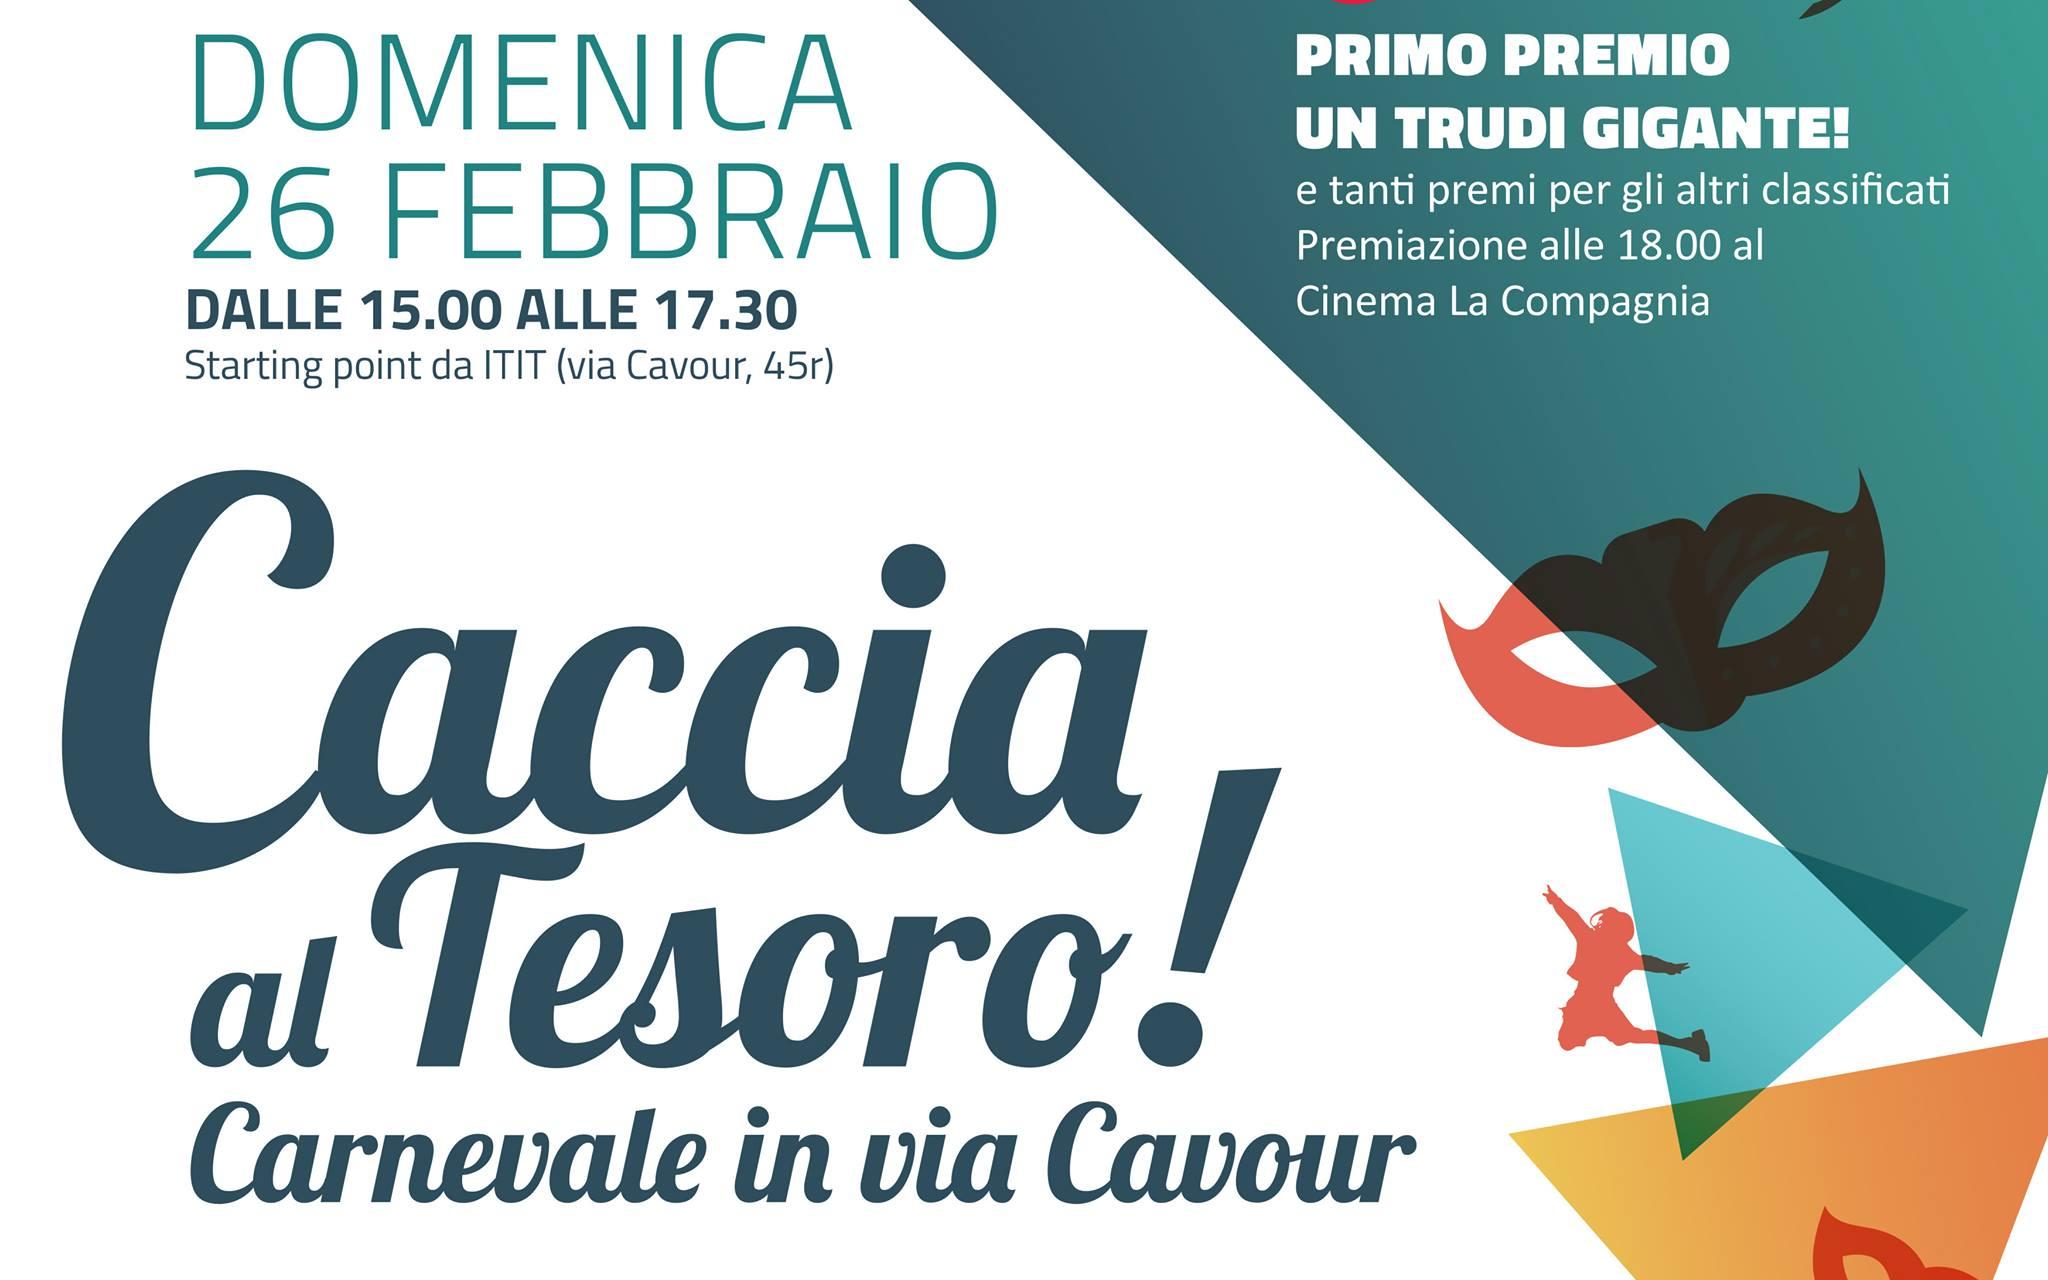 Caccia al tesoro di carnevale gratuita in via Cavour Firenze